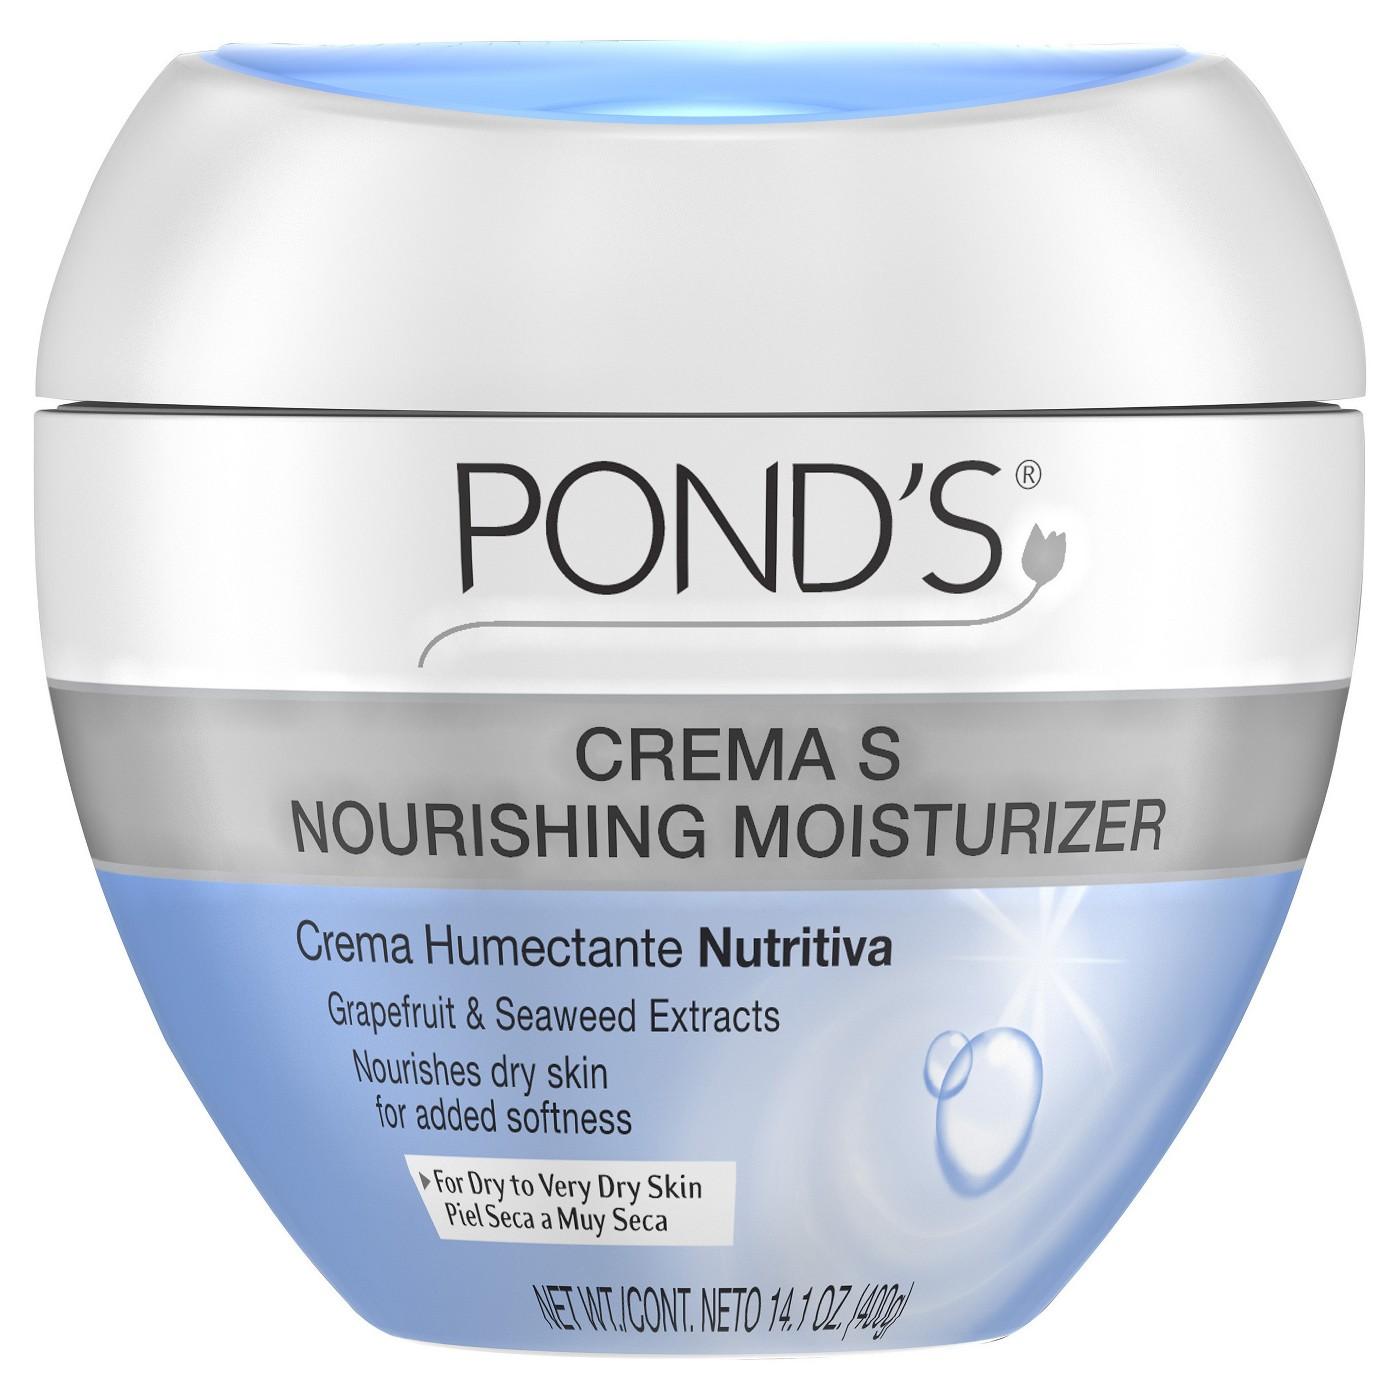 Pond's Crema S Nourishing Moisturizer